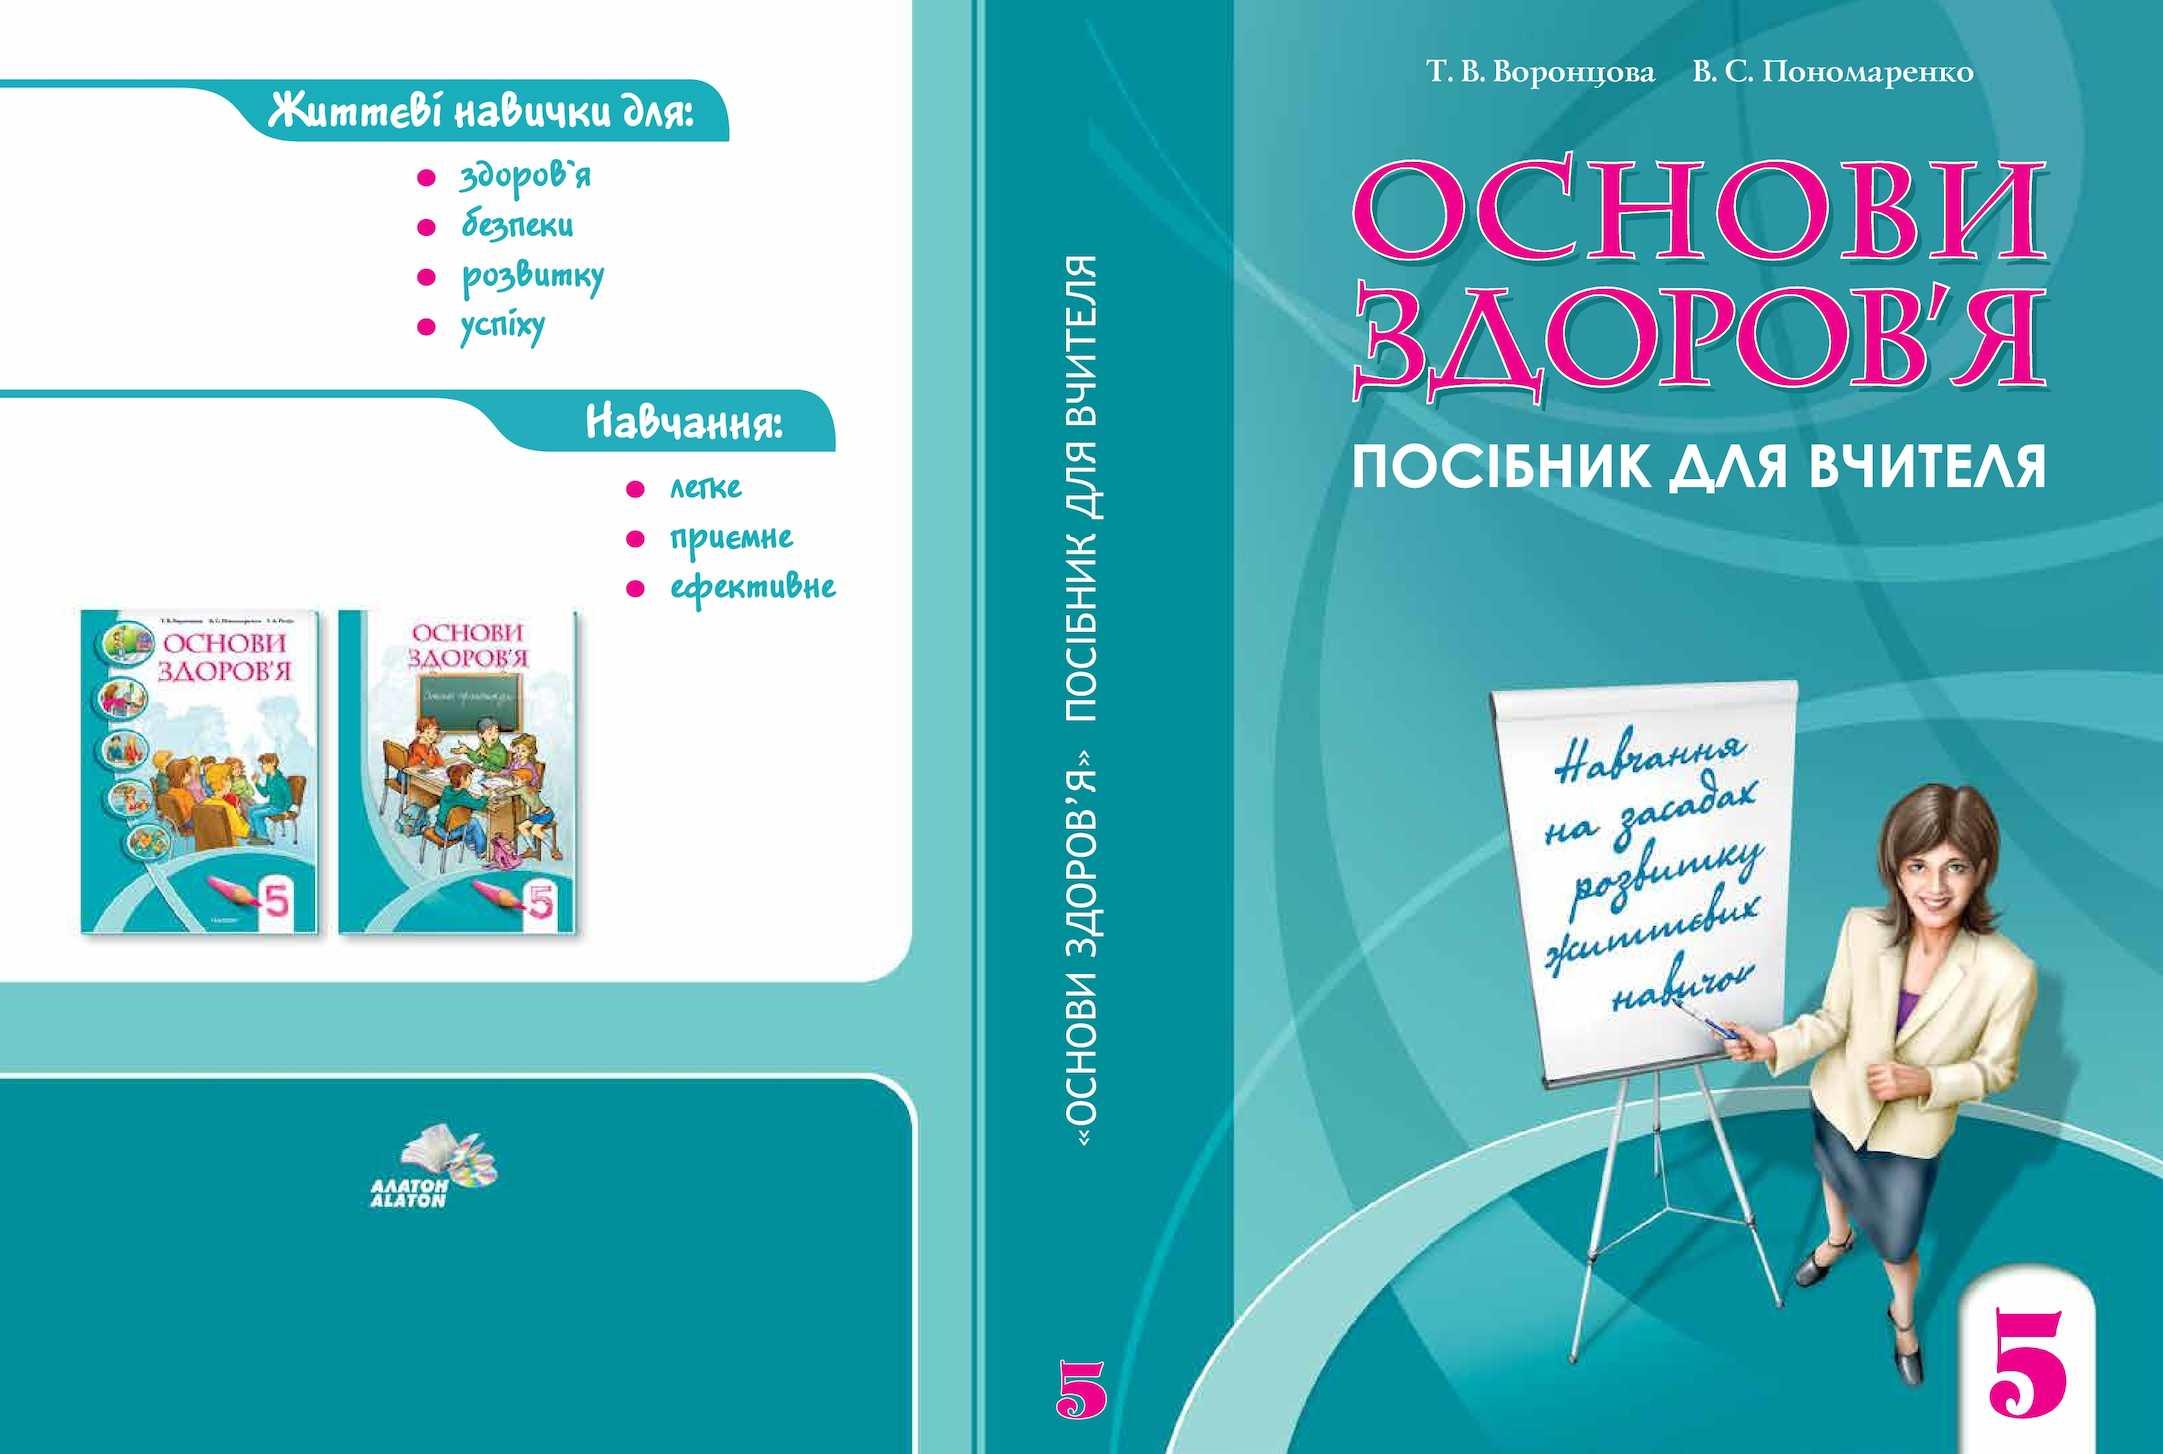 Calaméo - Основи здоров я Посібник для вчителя 5 Воронцова. 959cdc9312cbb